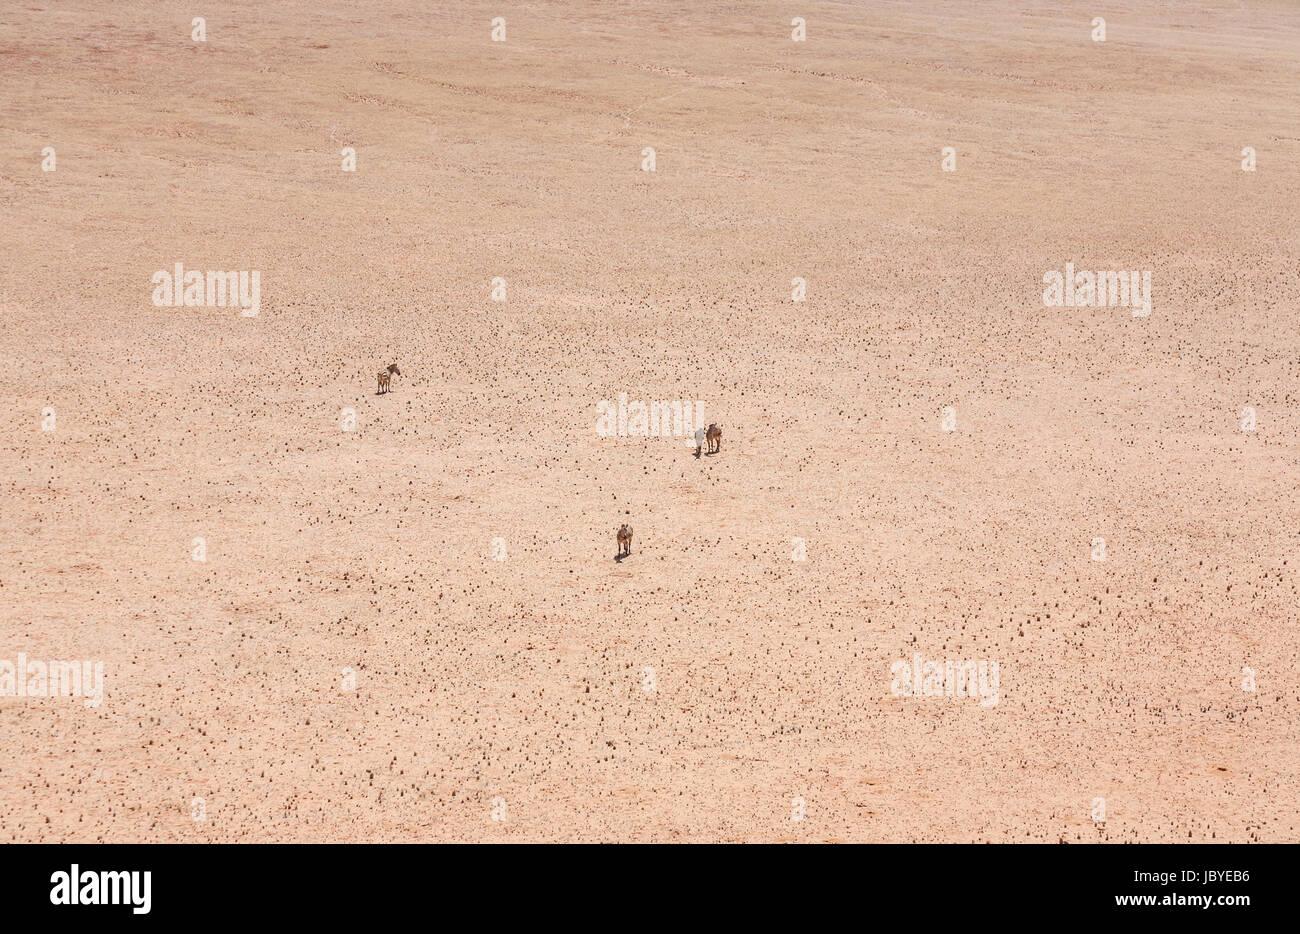 La désolation, l'éloignement: quatre mountain zebra (Equus zebra) debout dans le sombre, searingly chaud, sans caractéristique du désert du Namib, Namibie, Afrique du sud-ouest Banque D'Images